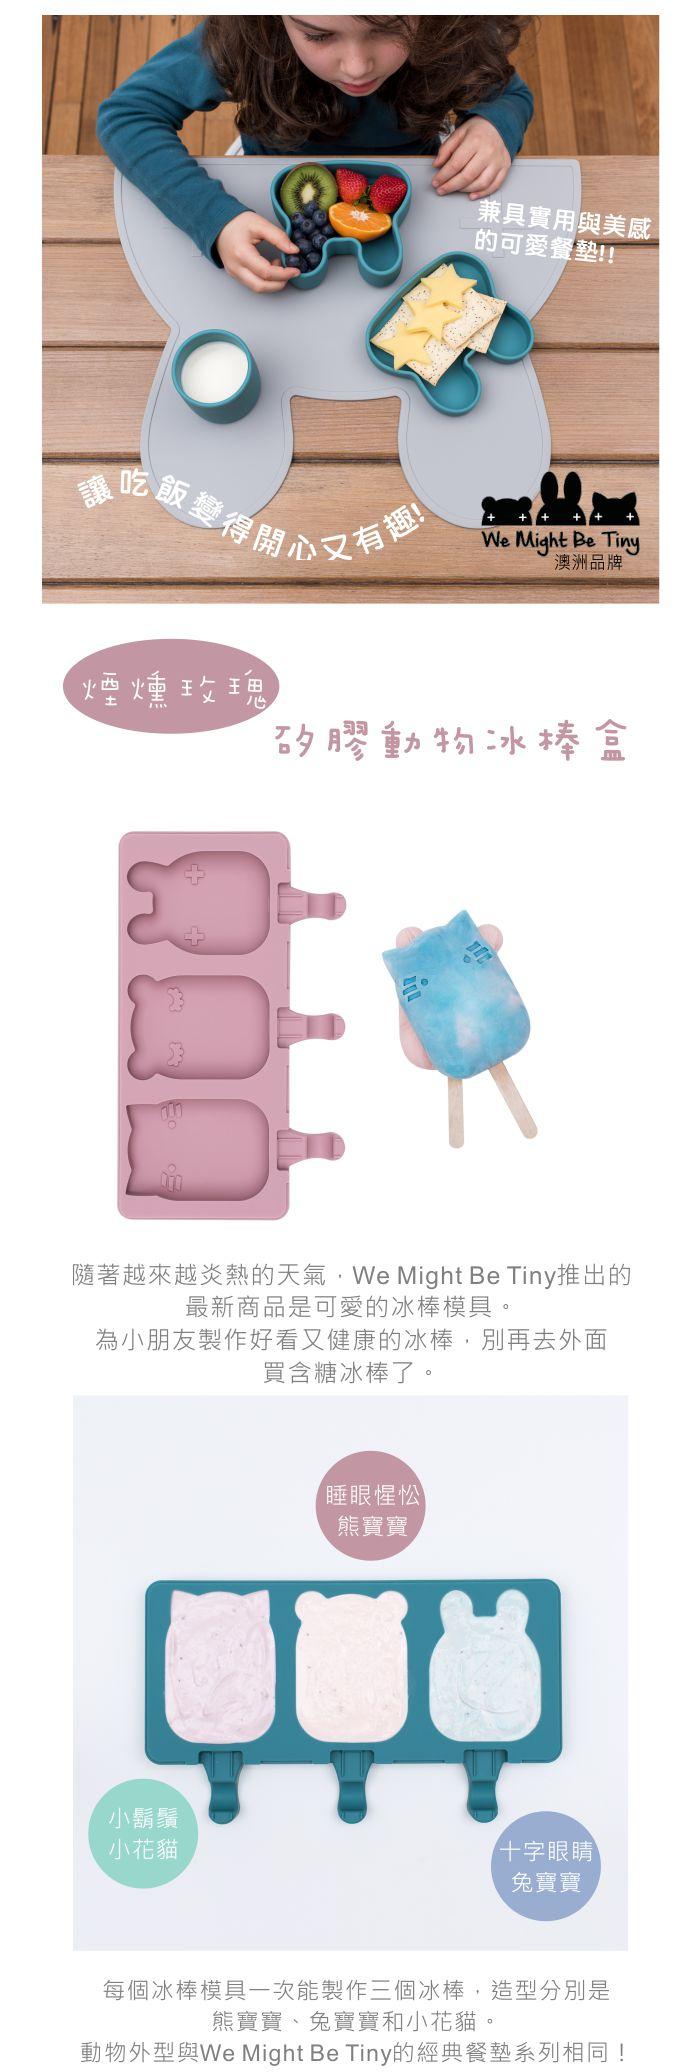 (複製)澳洲We Might Be Tiny|矽膠防滑餐墊兔寶寶-粉藍